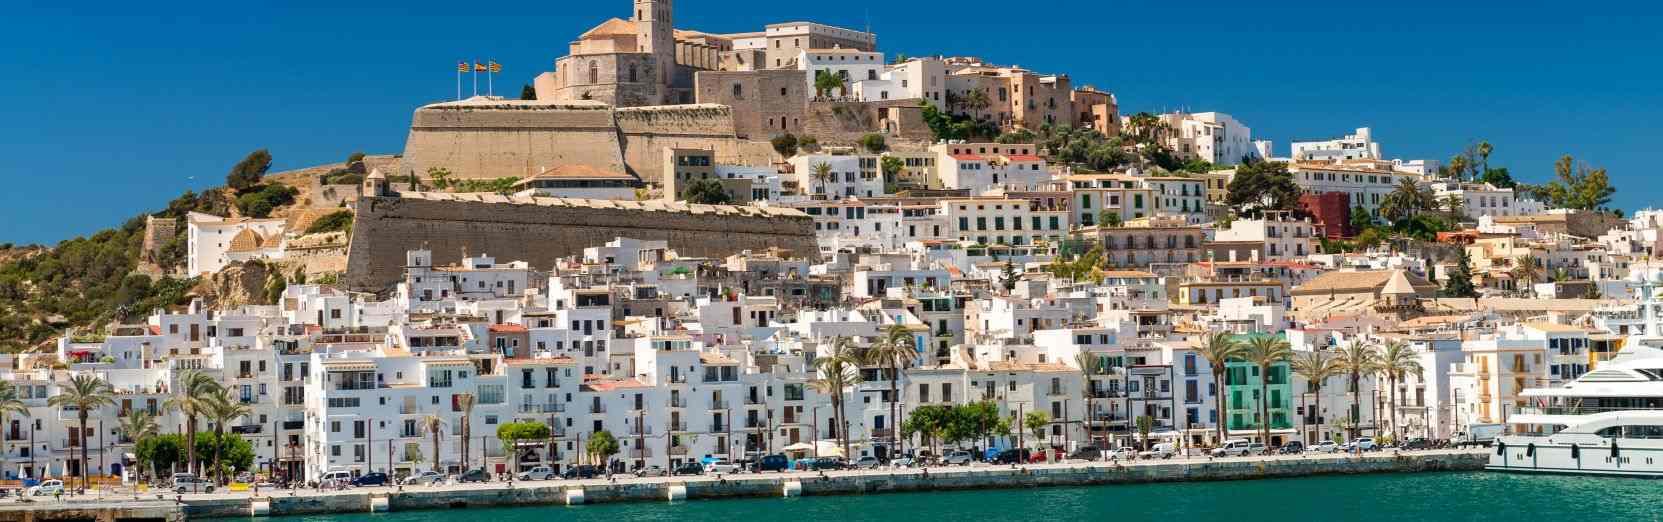 Mietwagen ohne Kreditkarte auf Ibiza